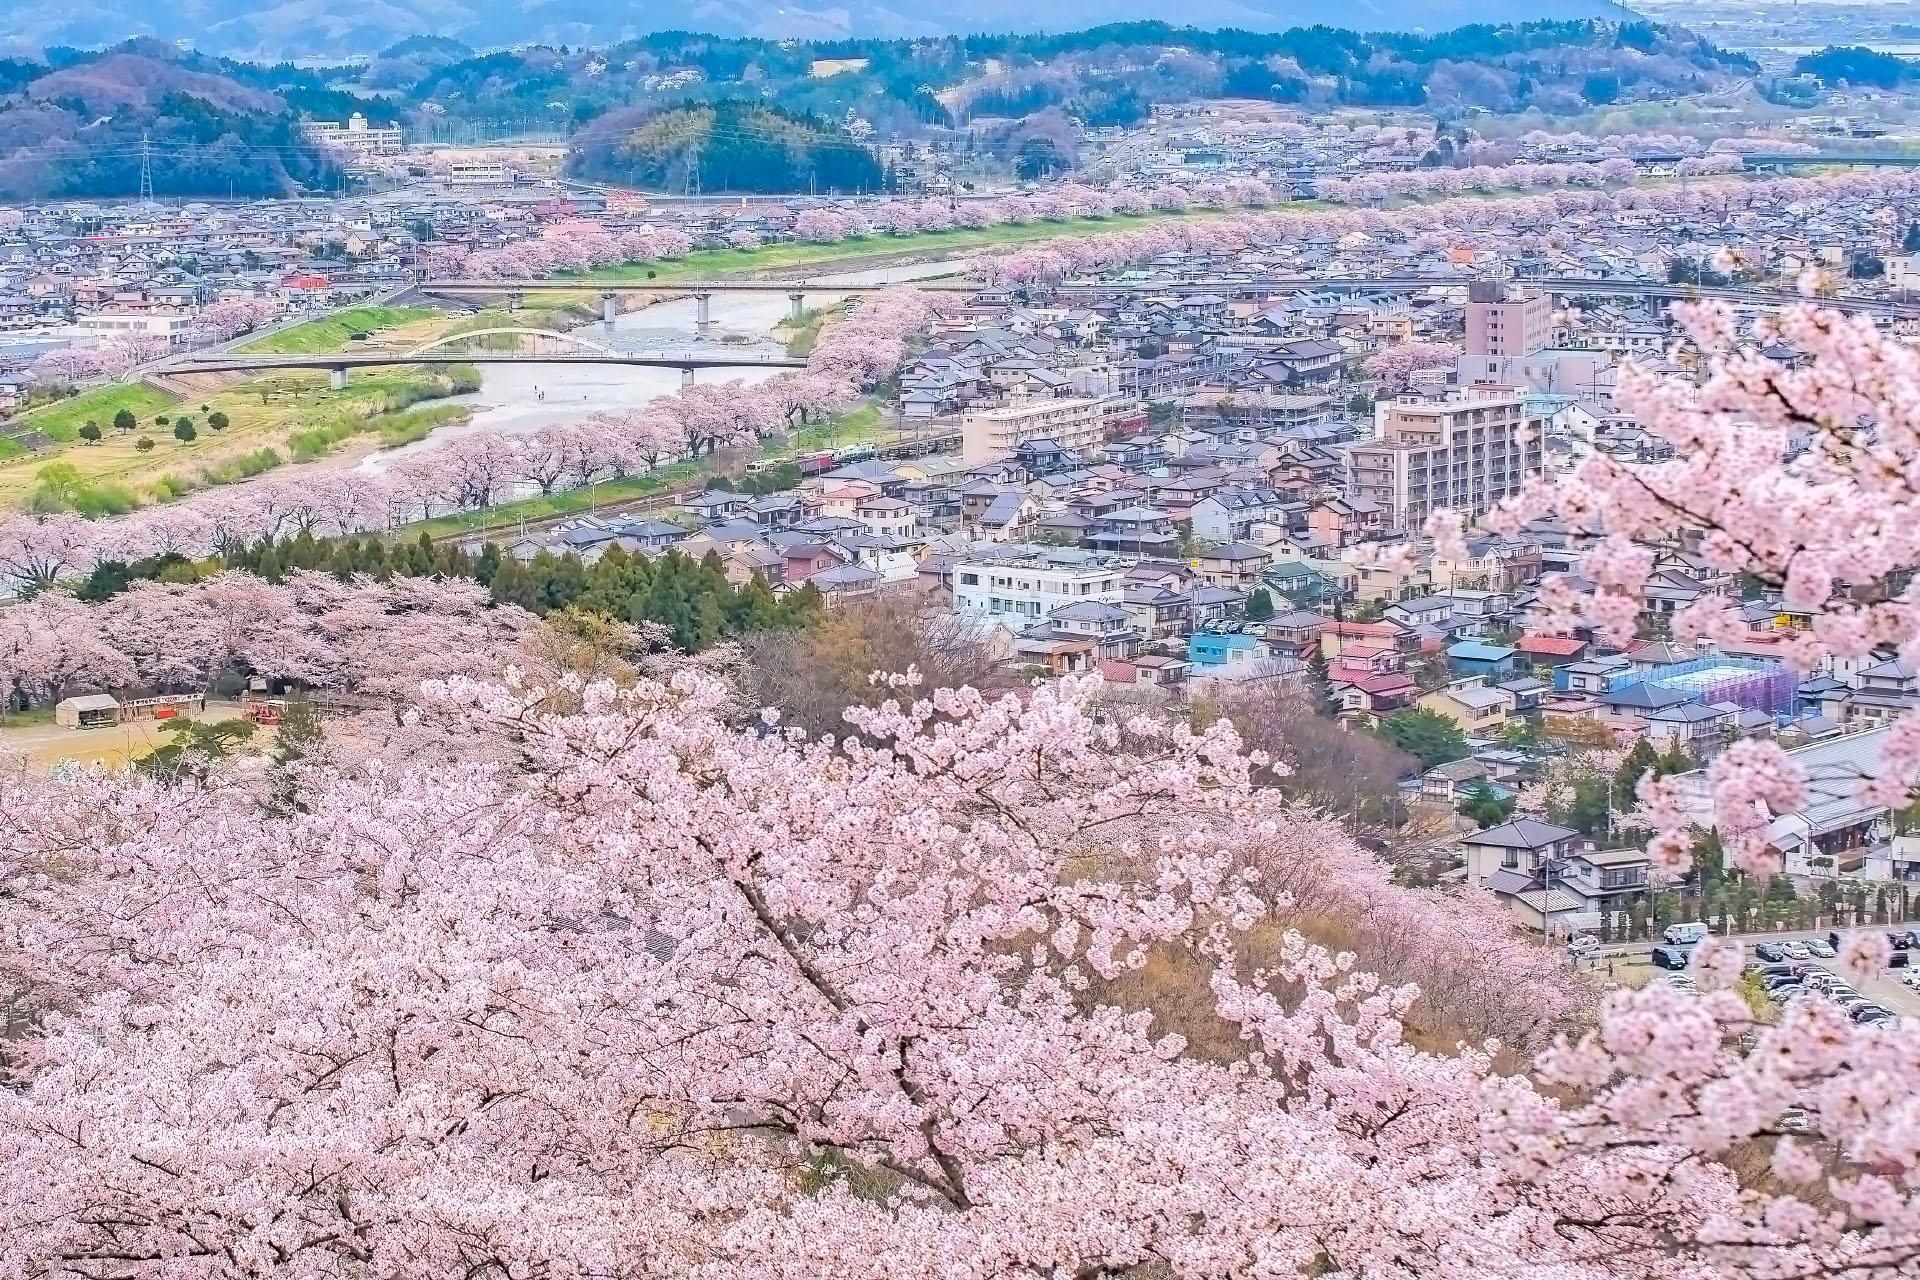 宮城の桜の名所 船岡城址公園の桜の風景 宮城の風景